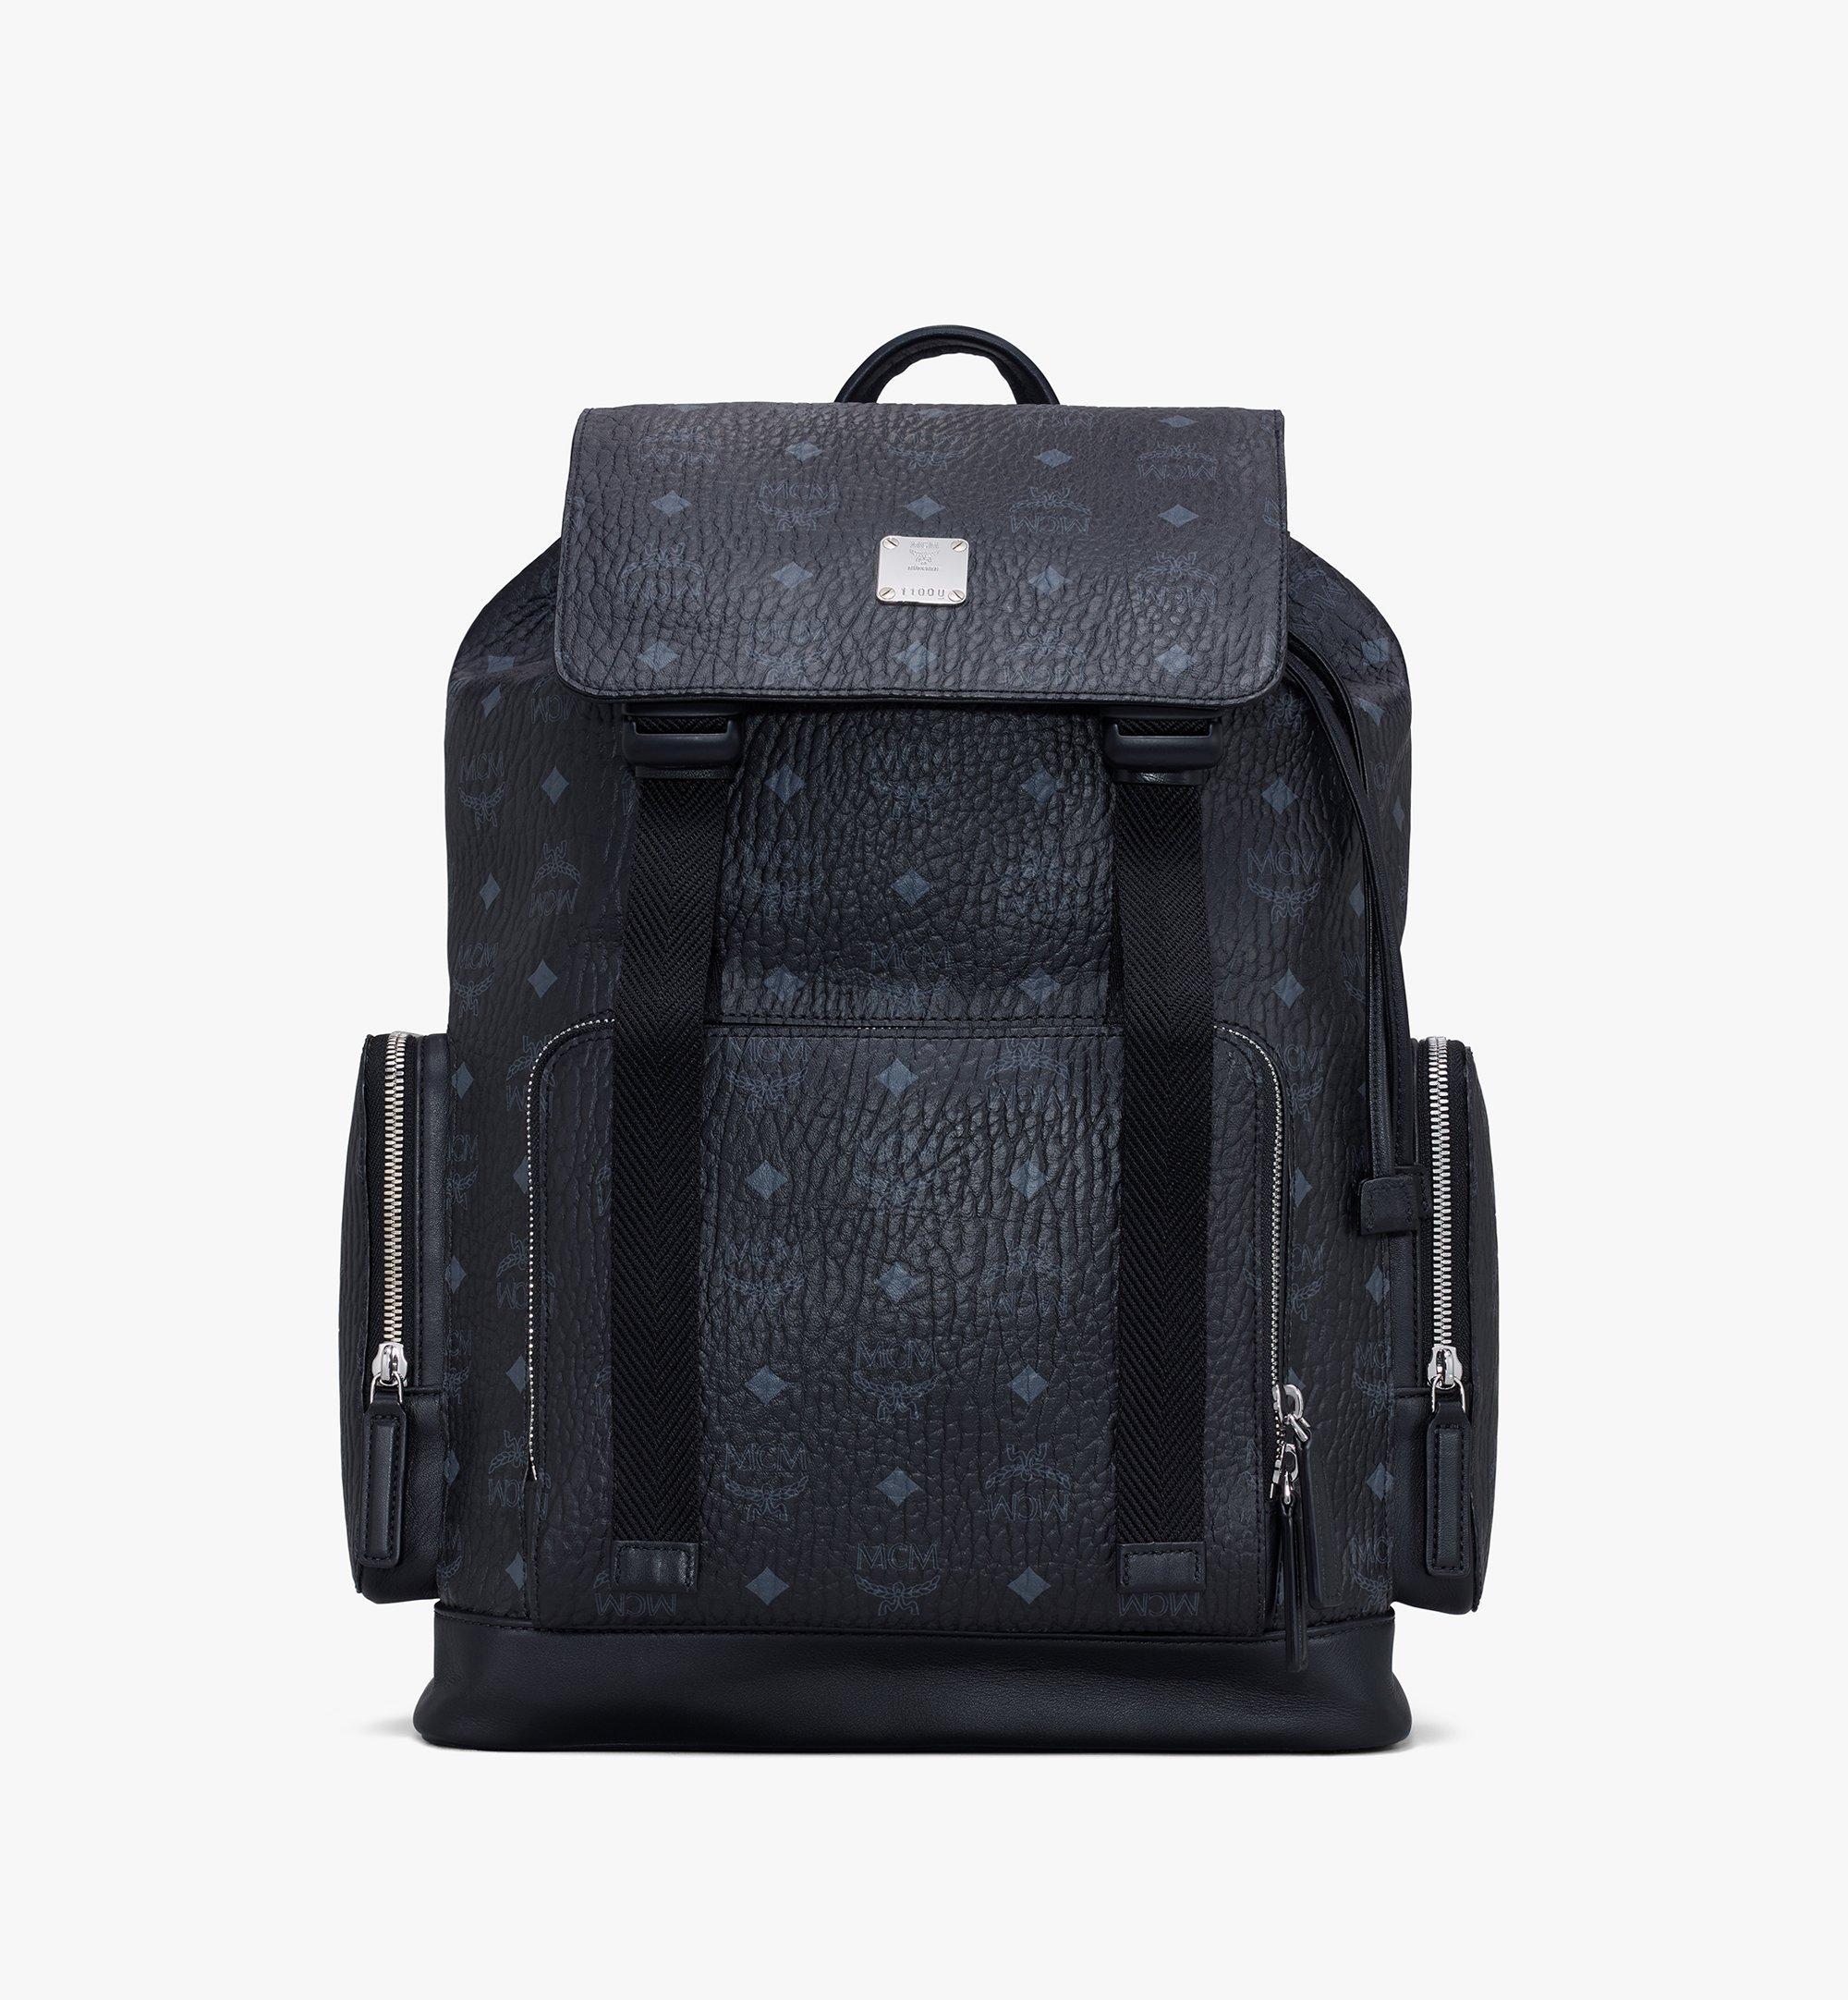 MCM Brandenburg Backpack in Visetos Black MMKAABG02BK001 Alternate View 1